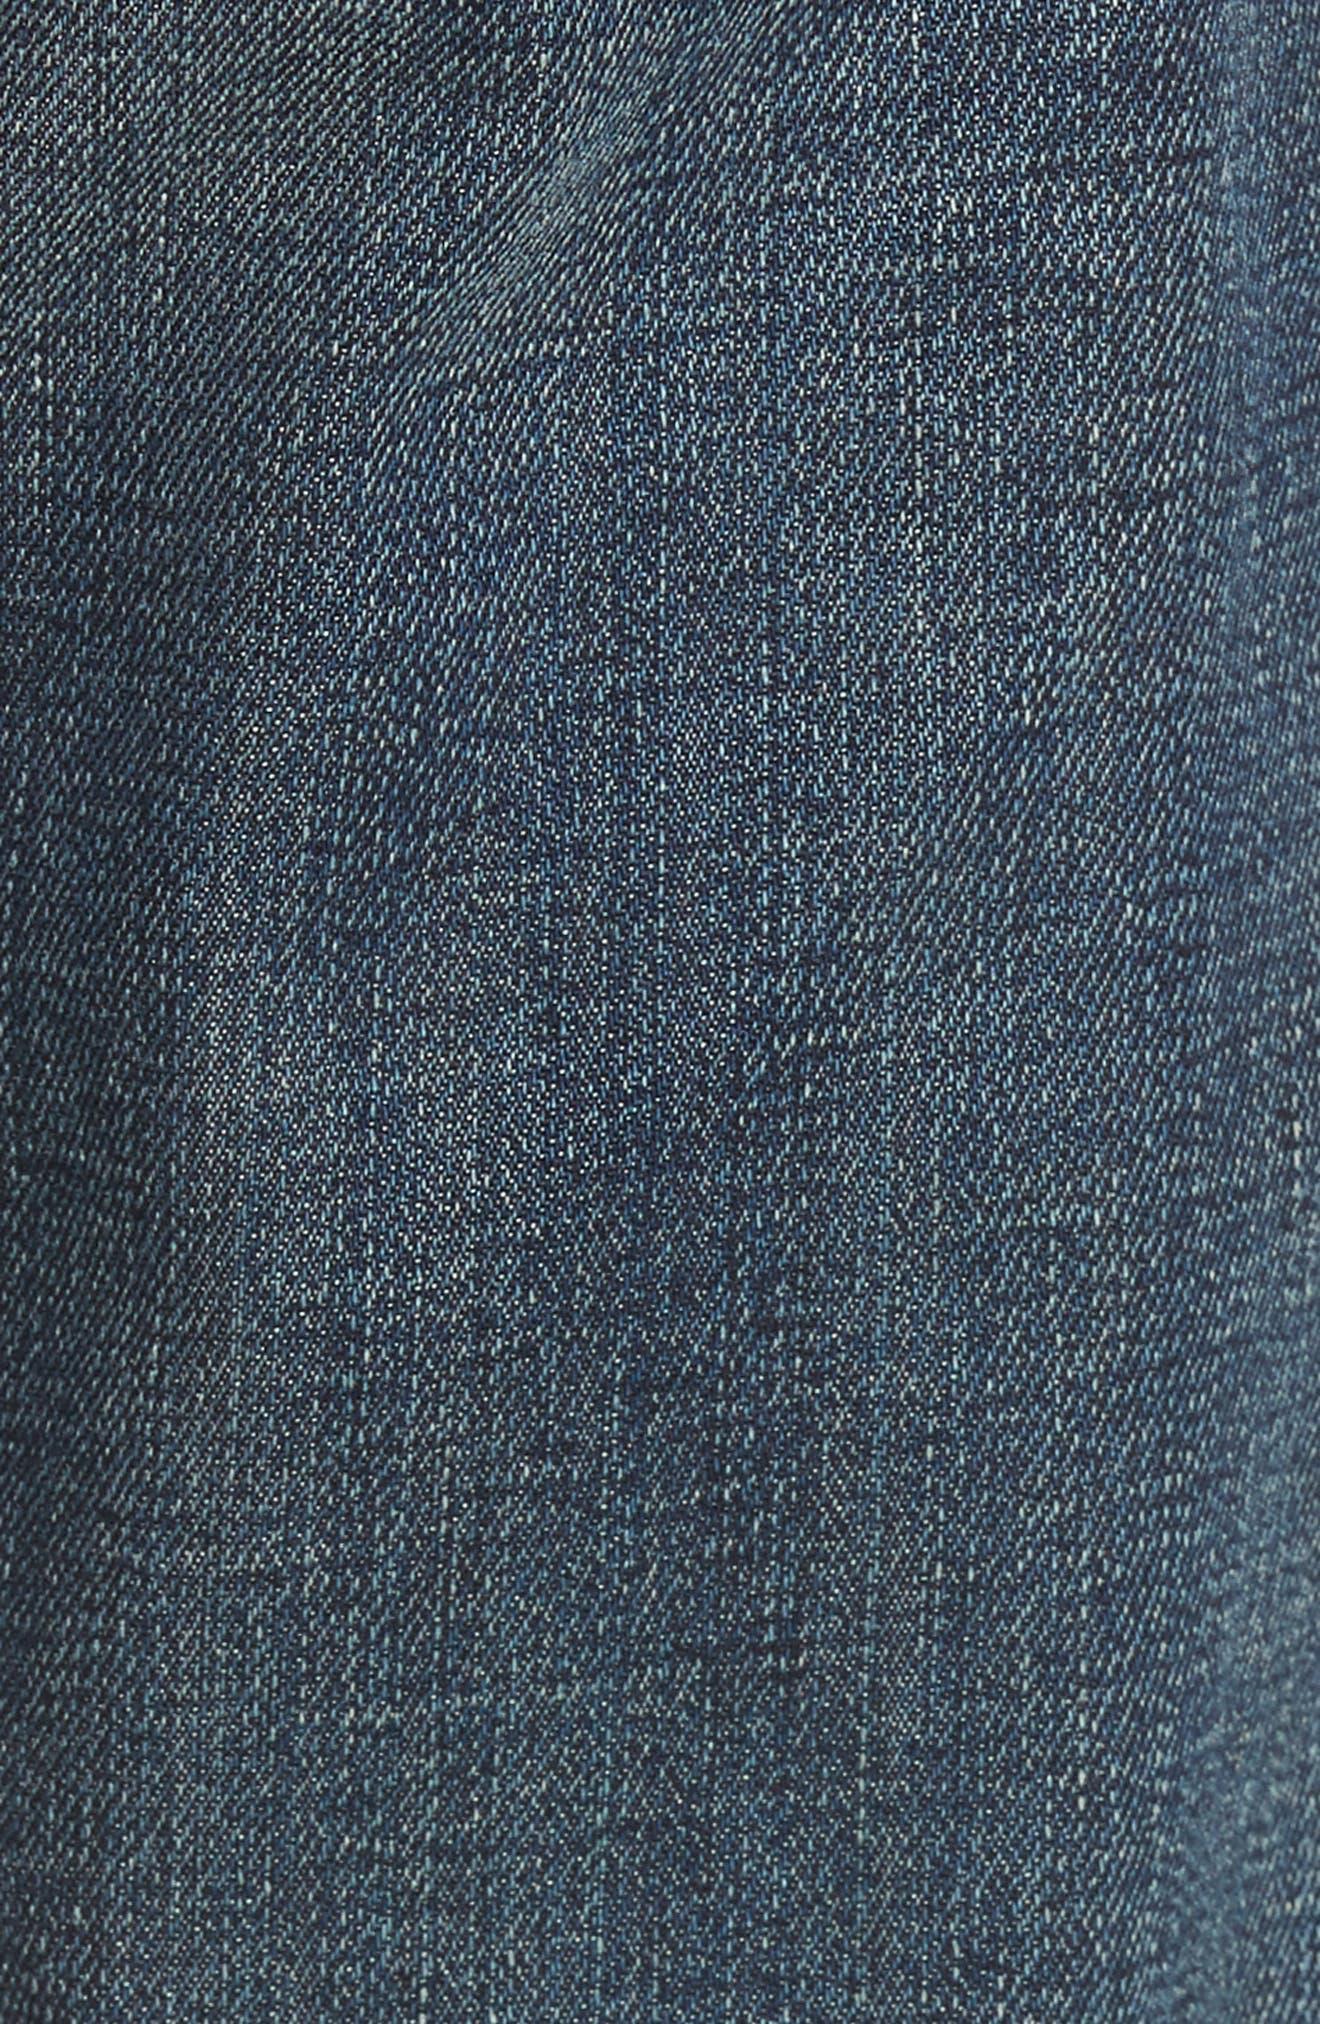 Fideltiy Denim Torino Slim Fit Jeans,                             Alternate thumbnail 5, color,                             400